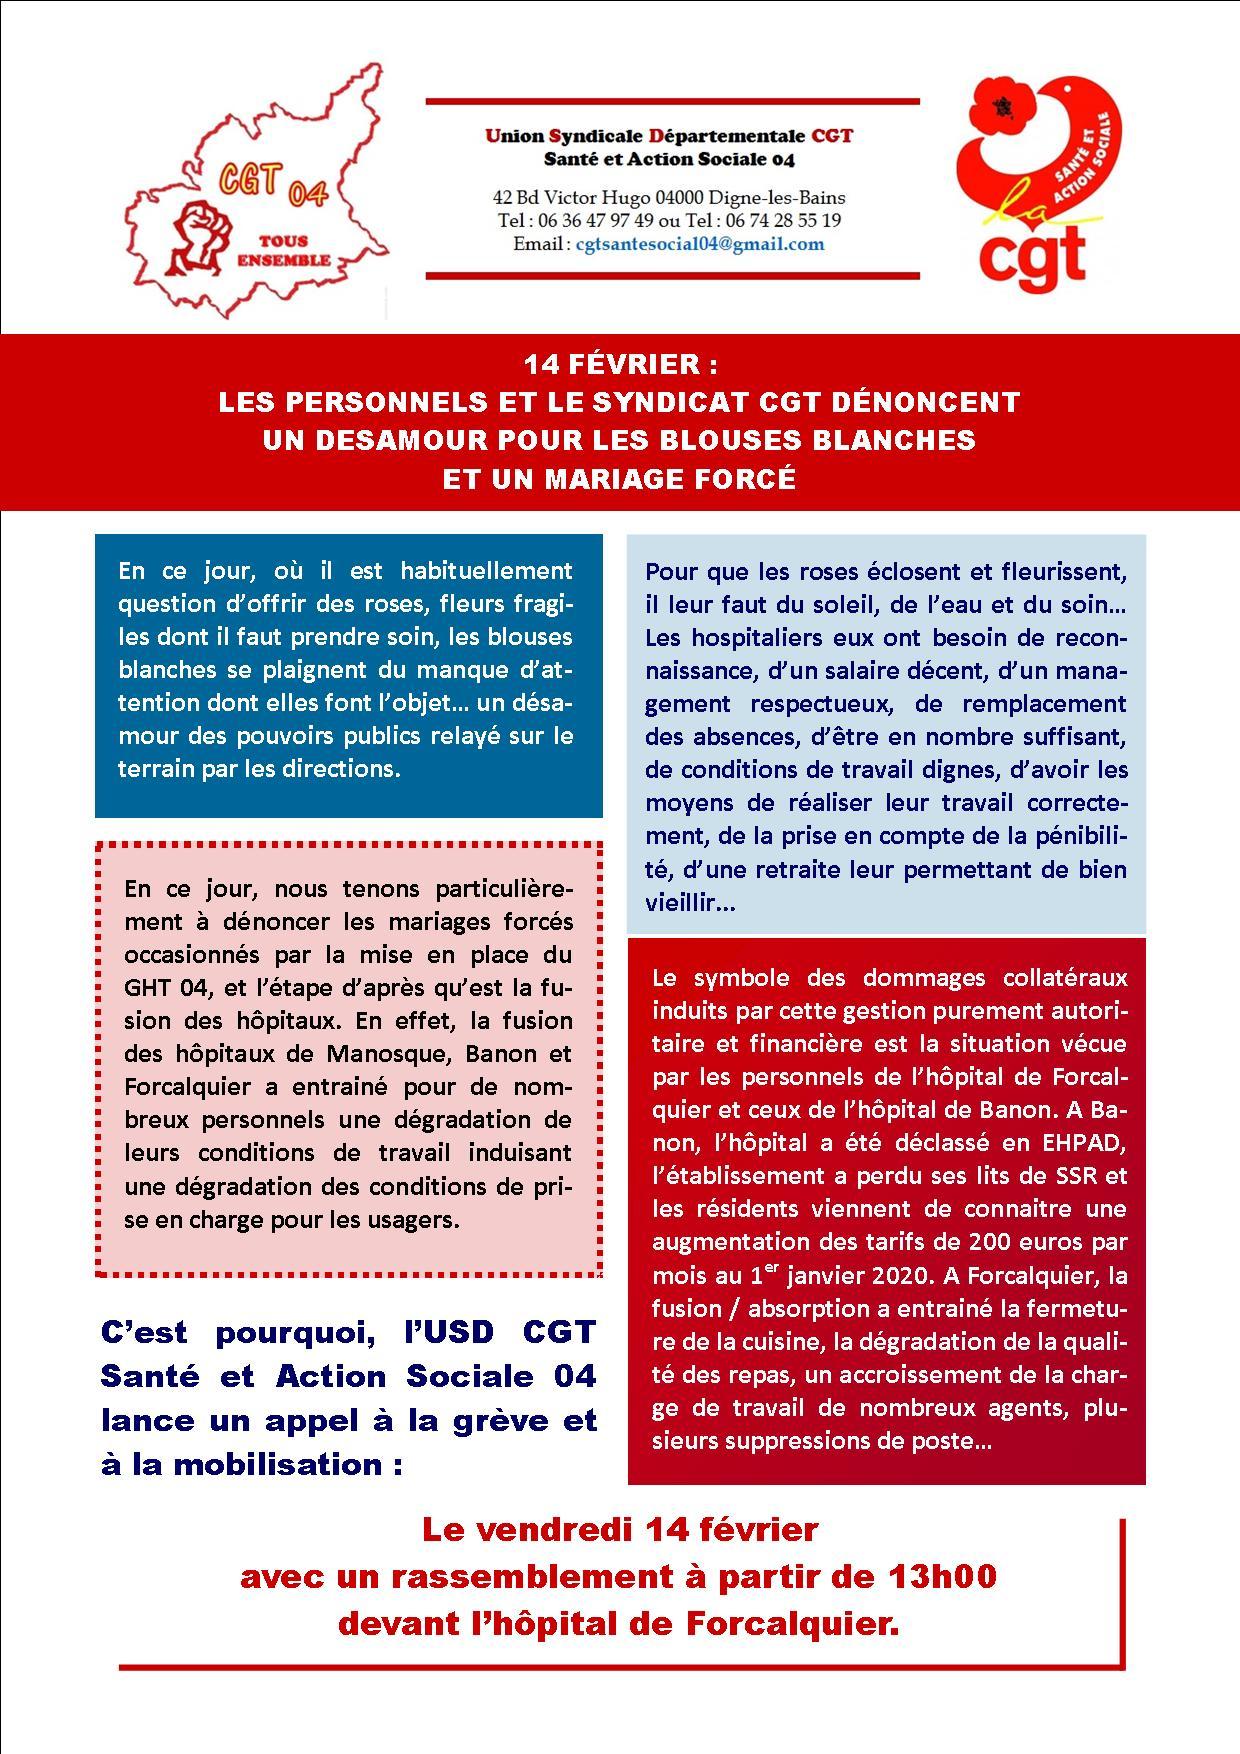 1227. Grève et rassemblement à l'hôpital de Forcalquier le 14 février 2020